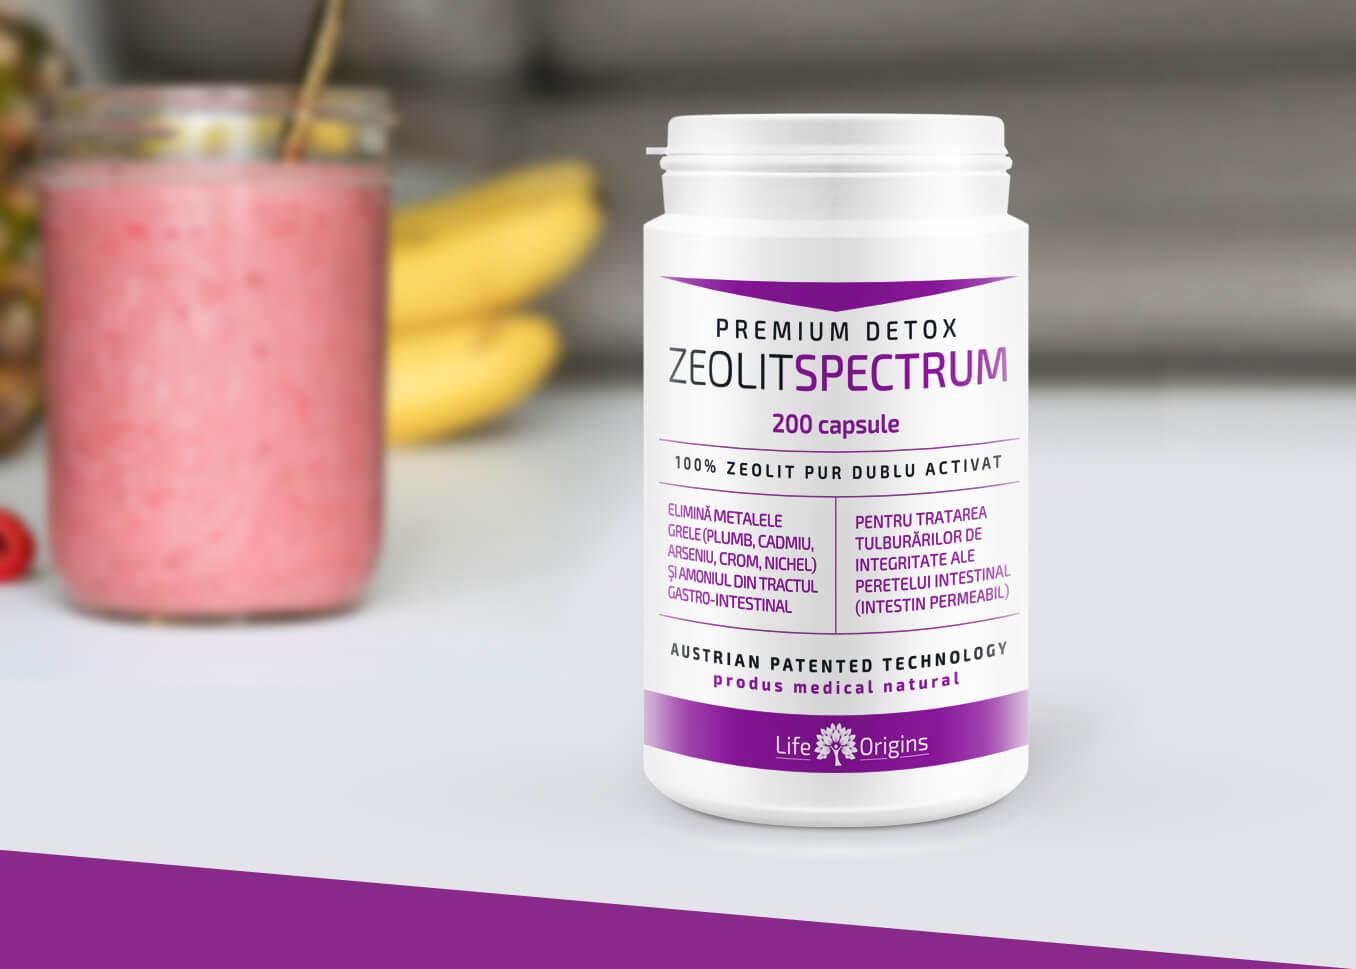 un flacon de Zeolit Spectrum alaturi de un smoothie din fructe